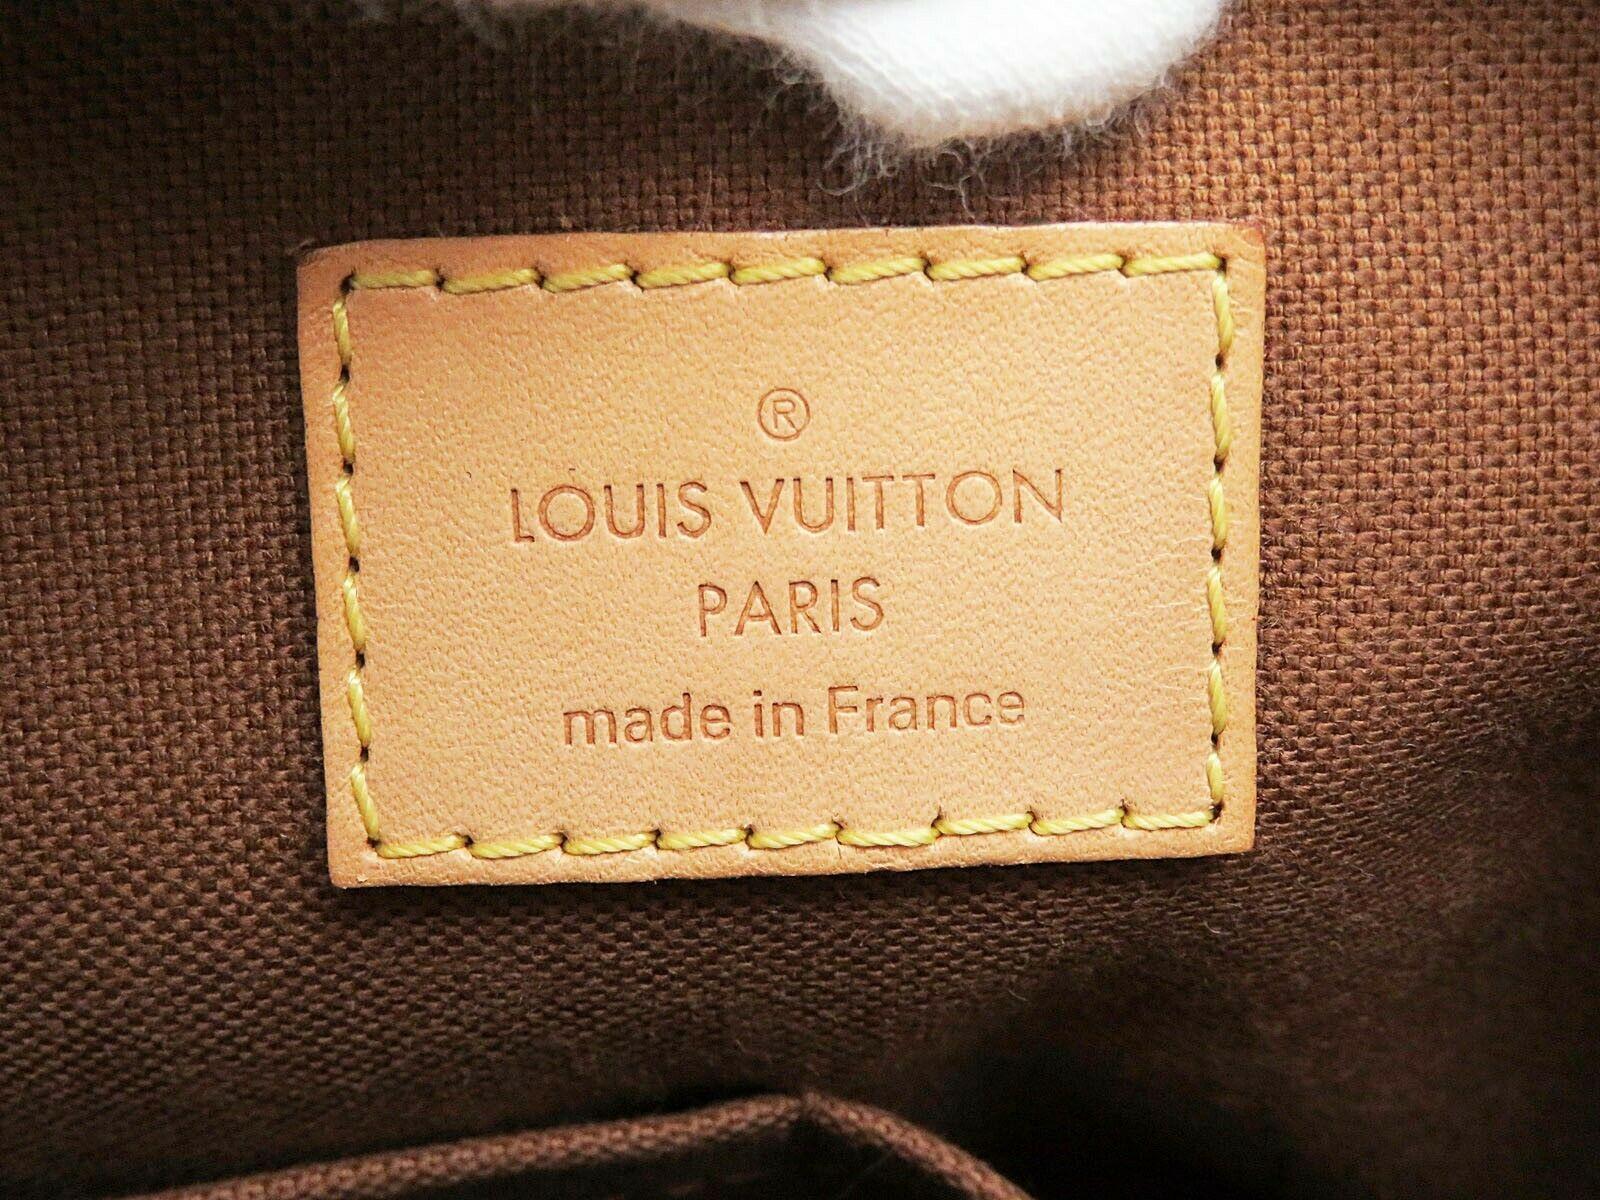 Authentic LOUIS VUITTON Odeon PM Monogram Shoulder Tote Bag Purse #32145 image 11